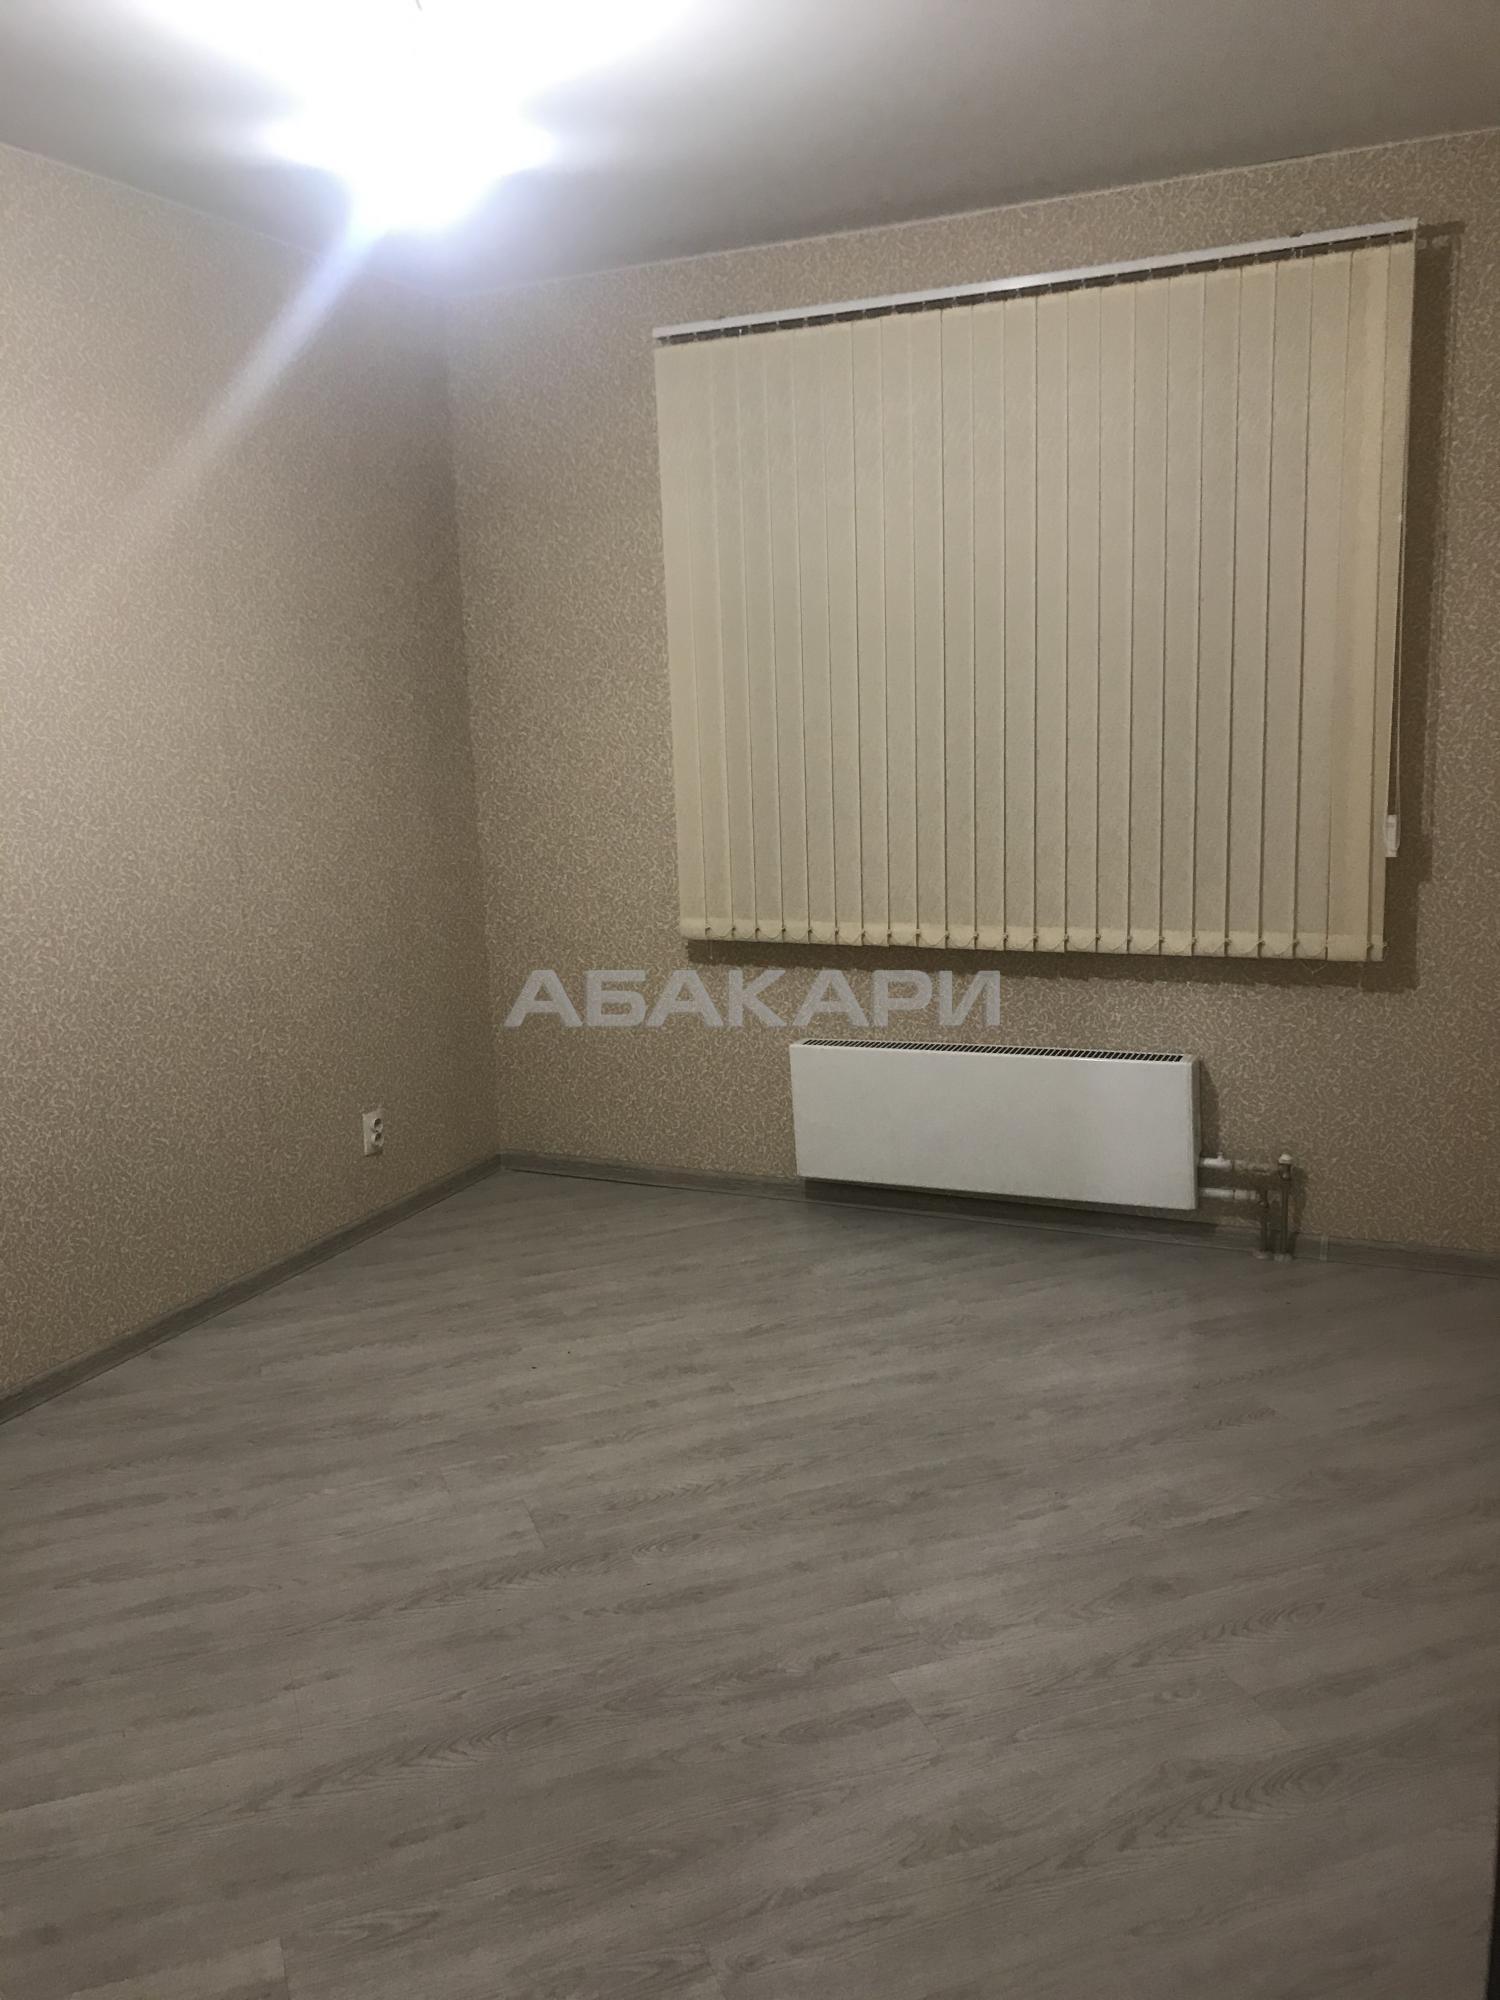 3к квартира улица Алексеева, 46 12/24 - 75кв | 25000 | аренда в Красноярске фото 2